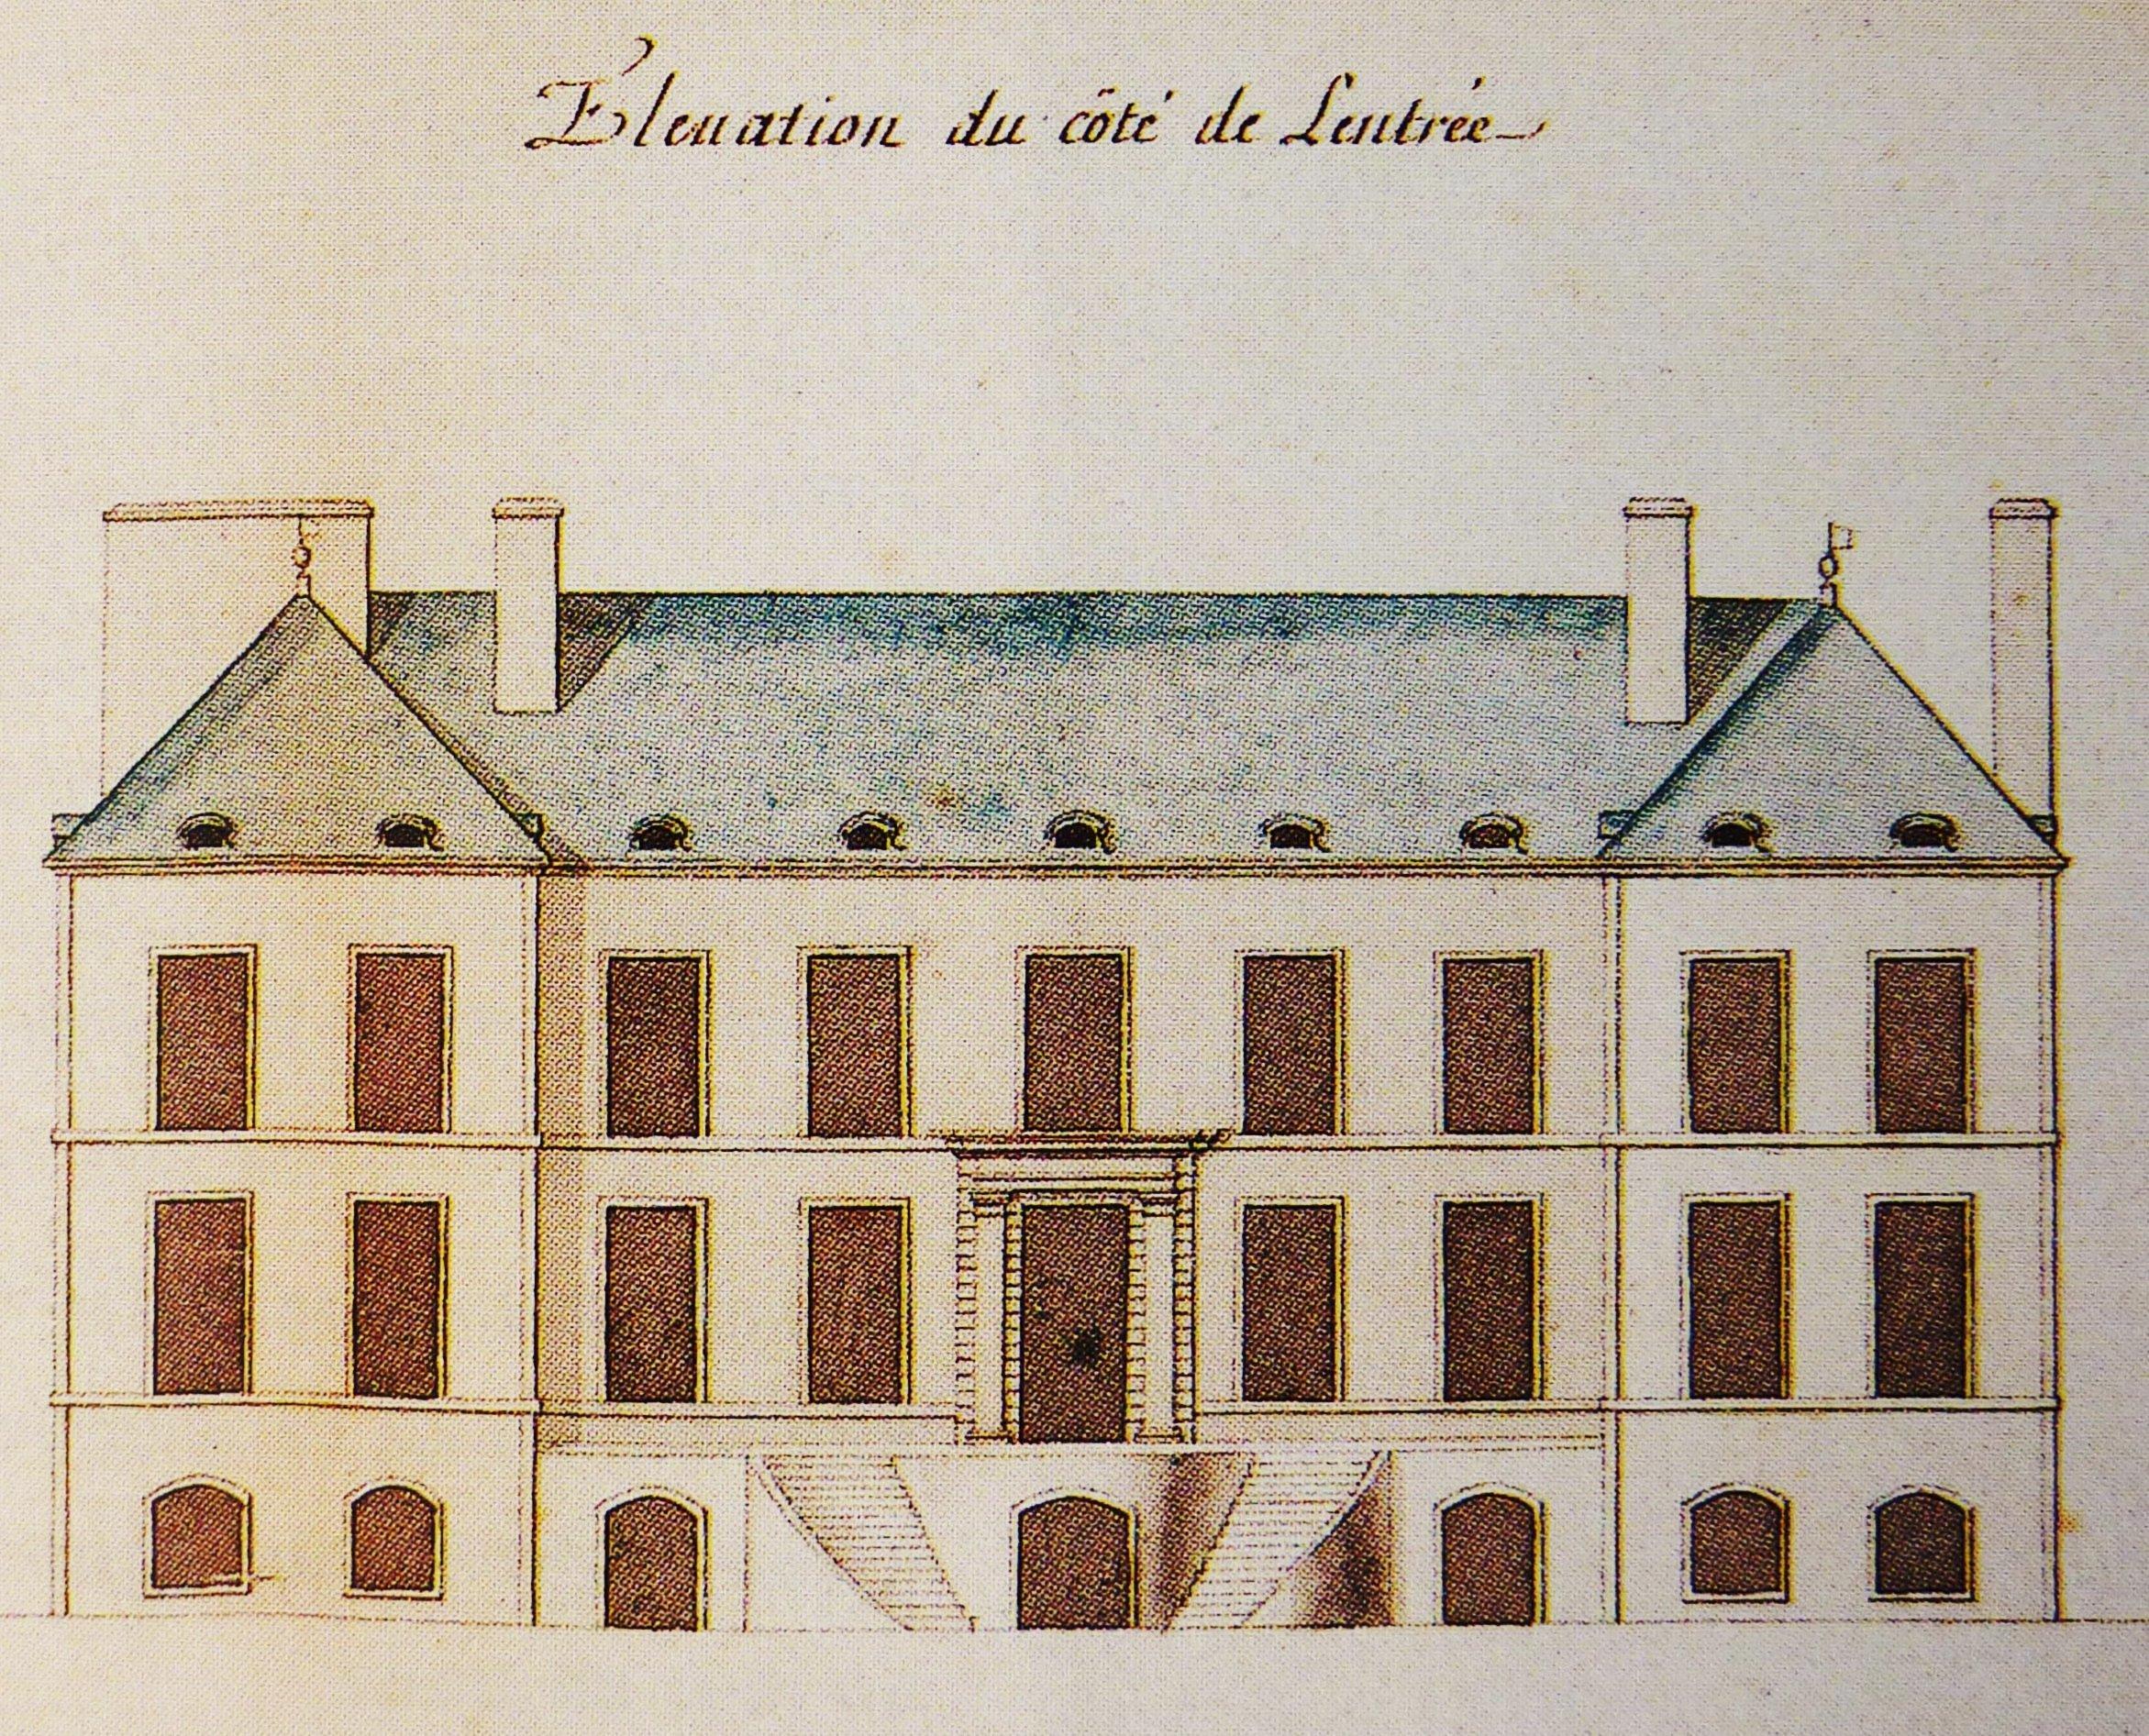 Biography chaussegros de l ry gaspard joseph 1682 1756 for Au jardin du gouverneur quebec